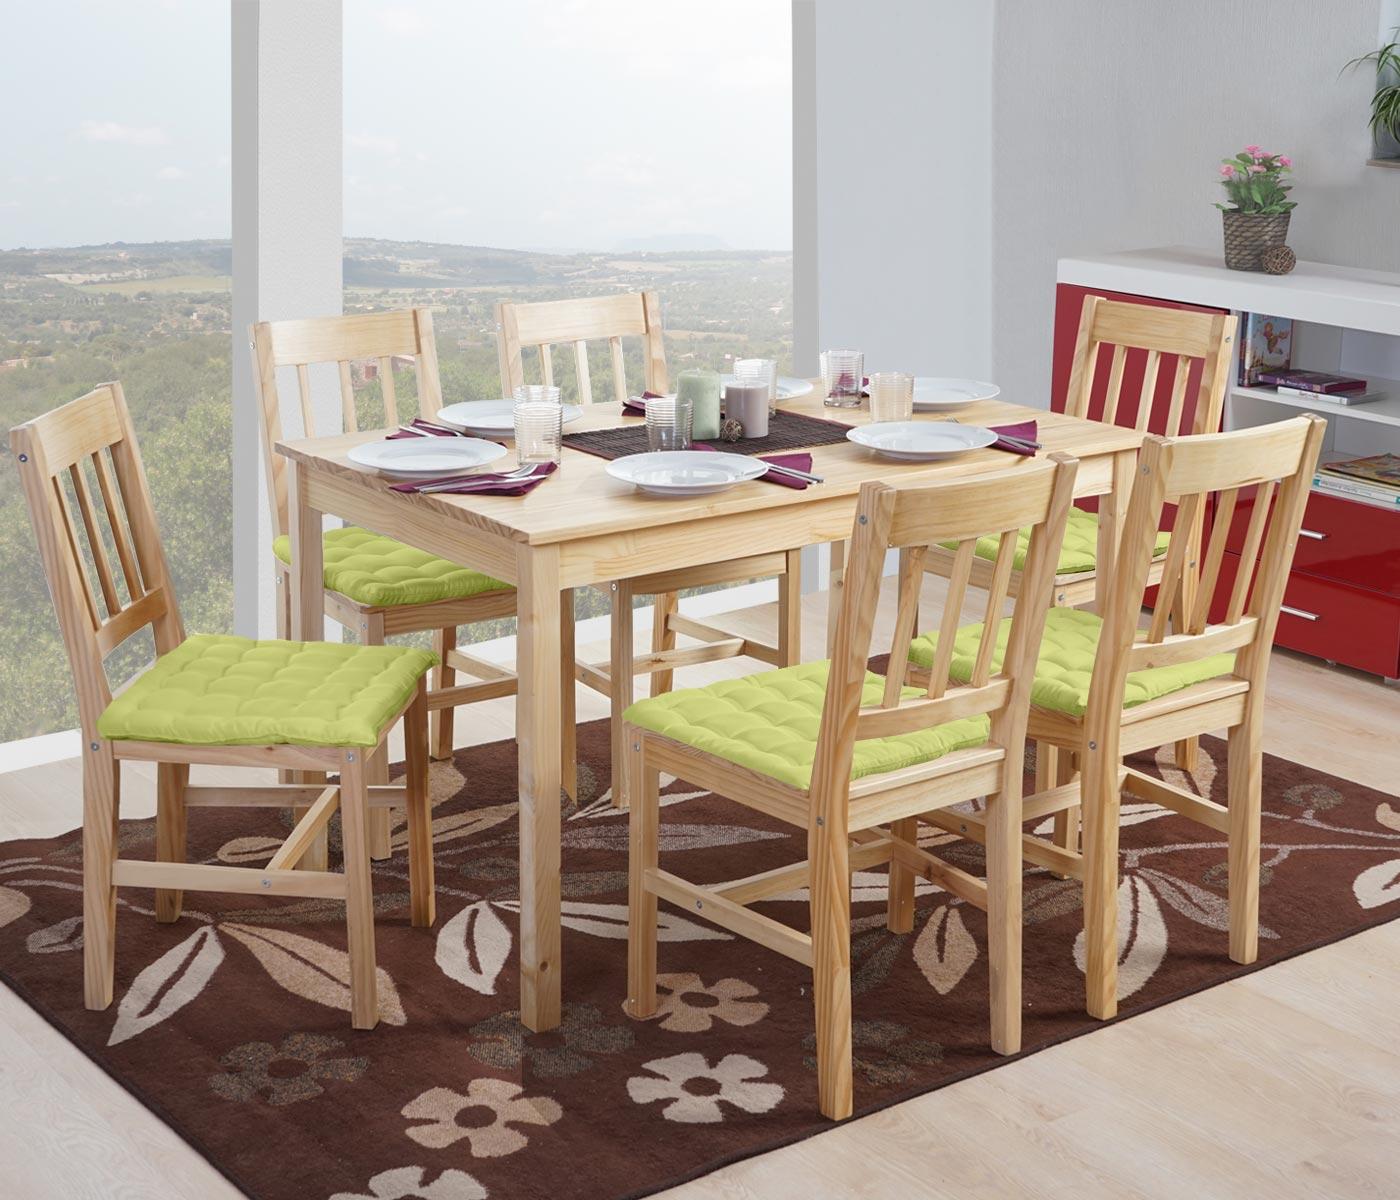 esszimmergarnitur sortland tisch st hle kiefer natur 6 kissen gr n ebay. Black Bedroom Furniture Sets. Home Design Ideas